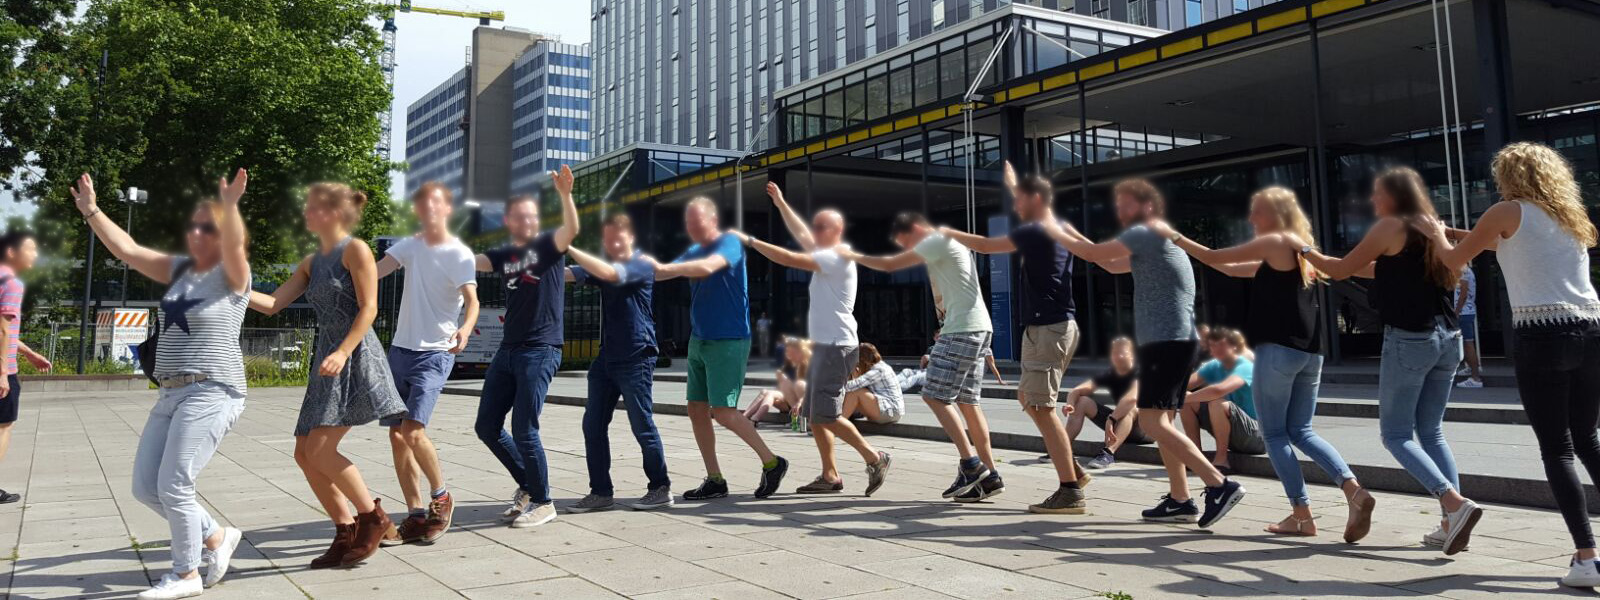 Teambuilding spellen in het centrum